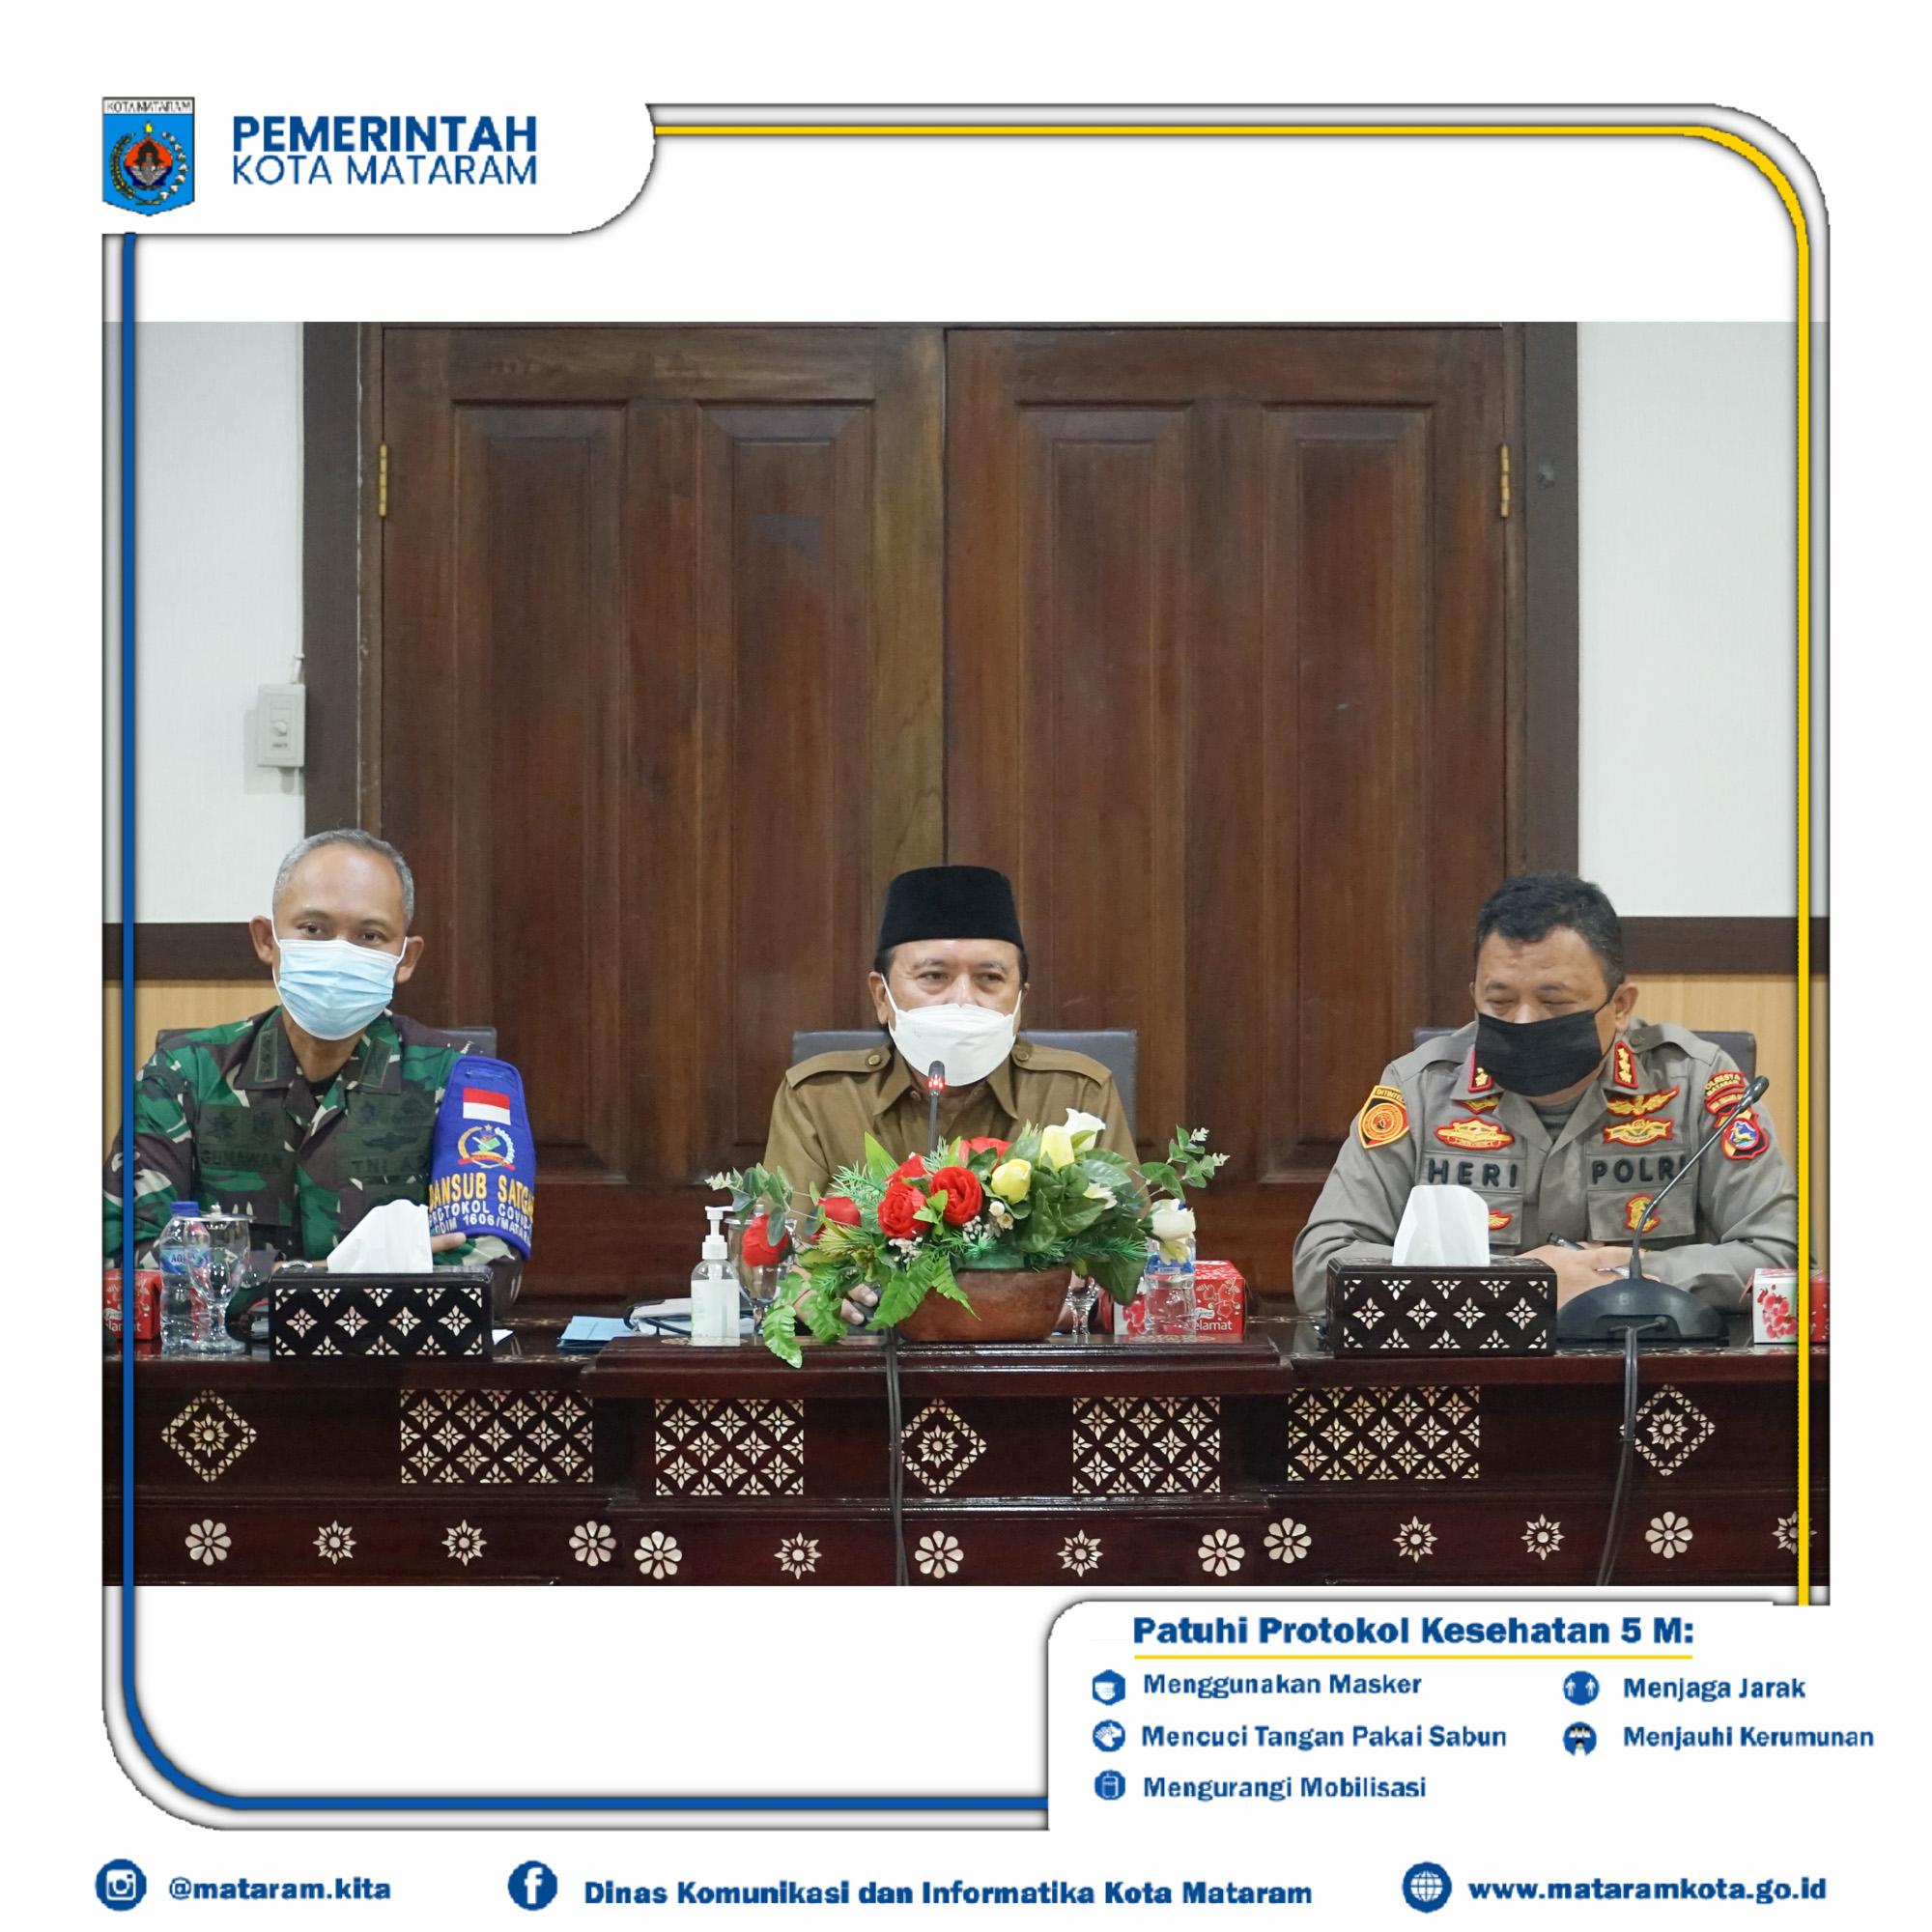 Rapat Evaluasi Dalam Rangka Pencegahan dan Penanganan Covid-19 di Kota Mataram